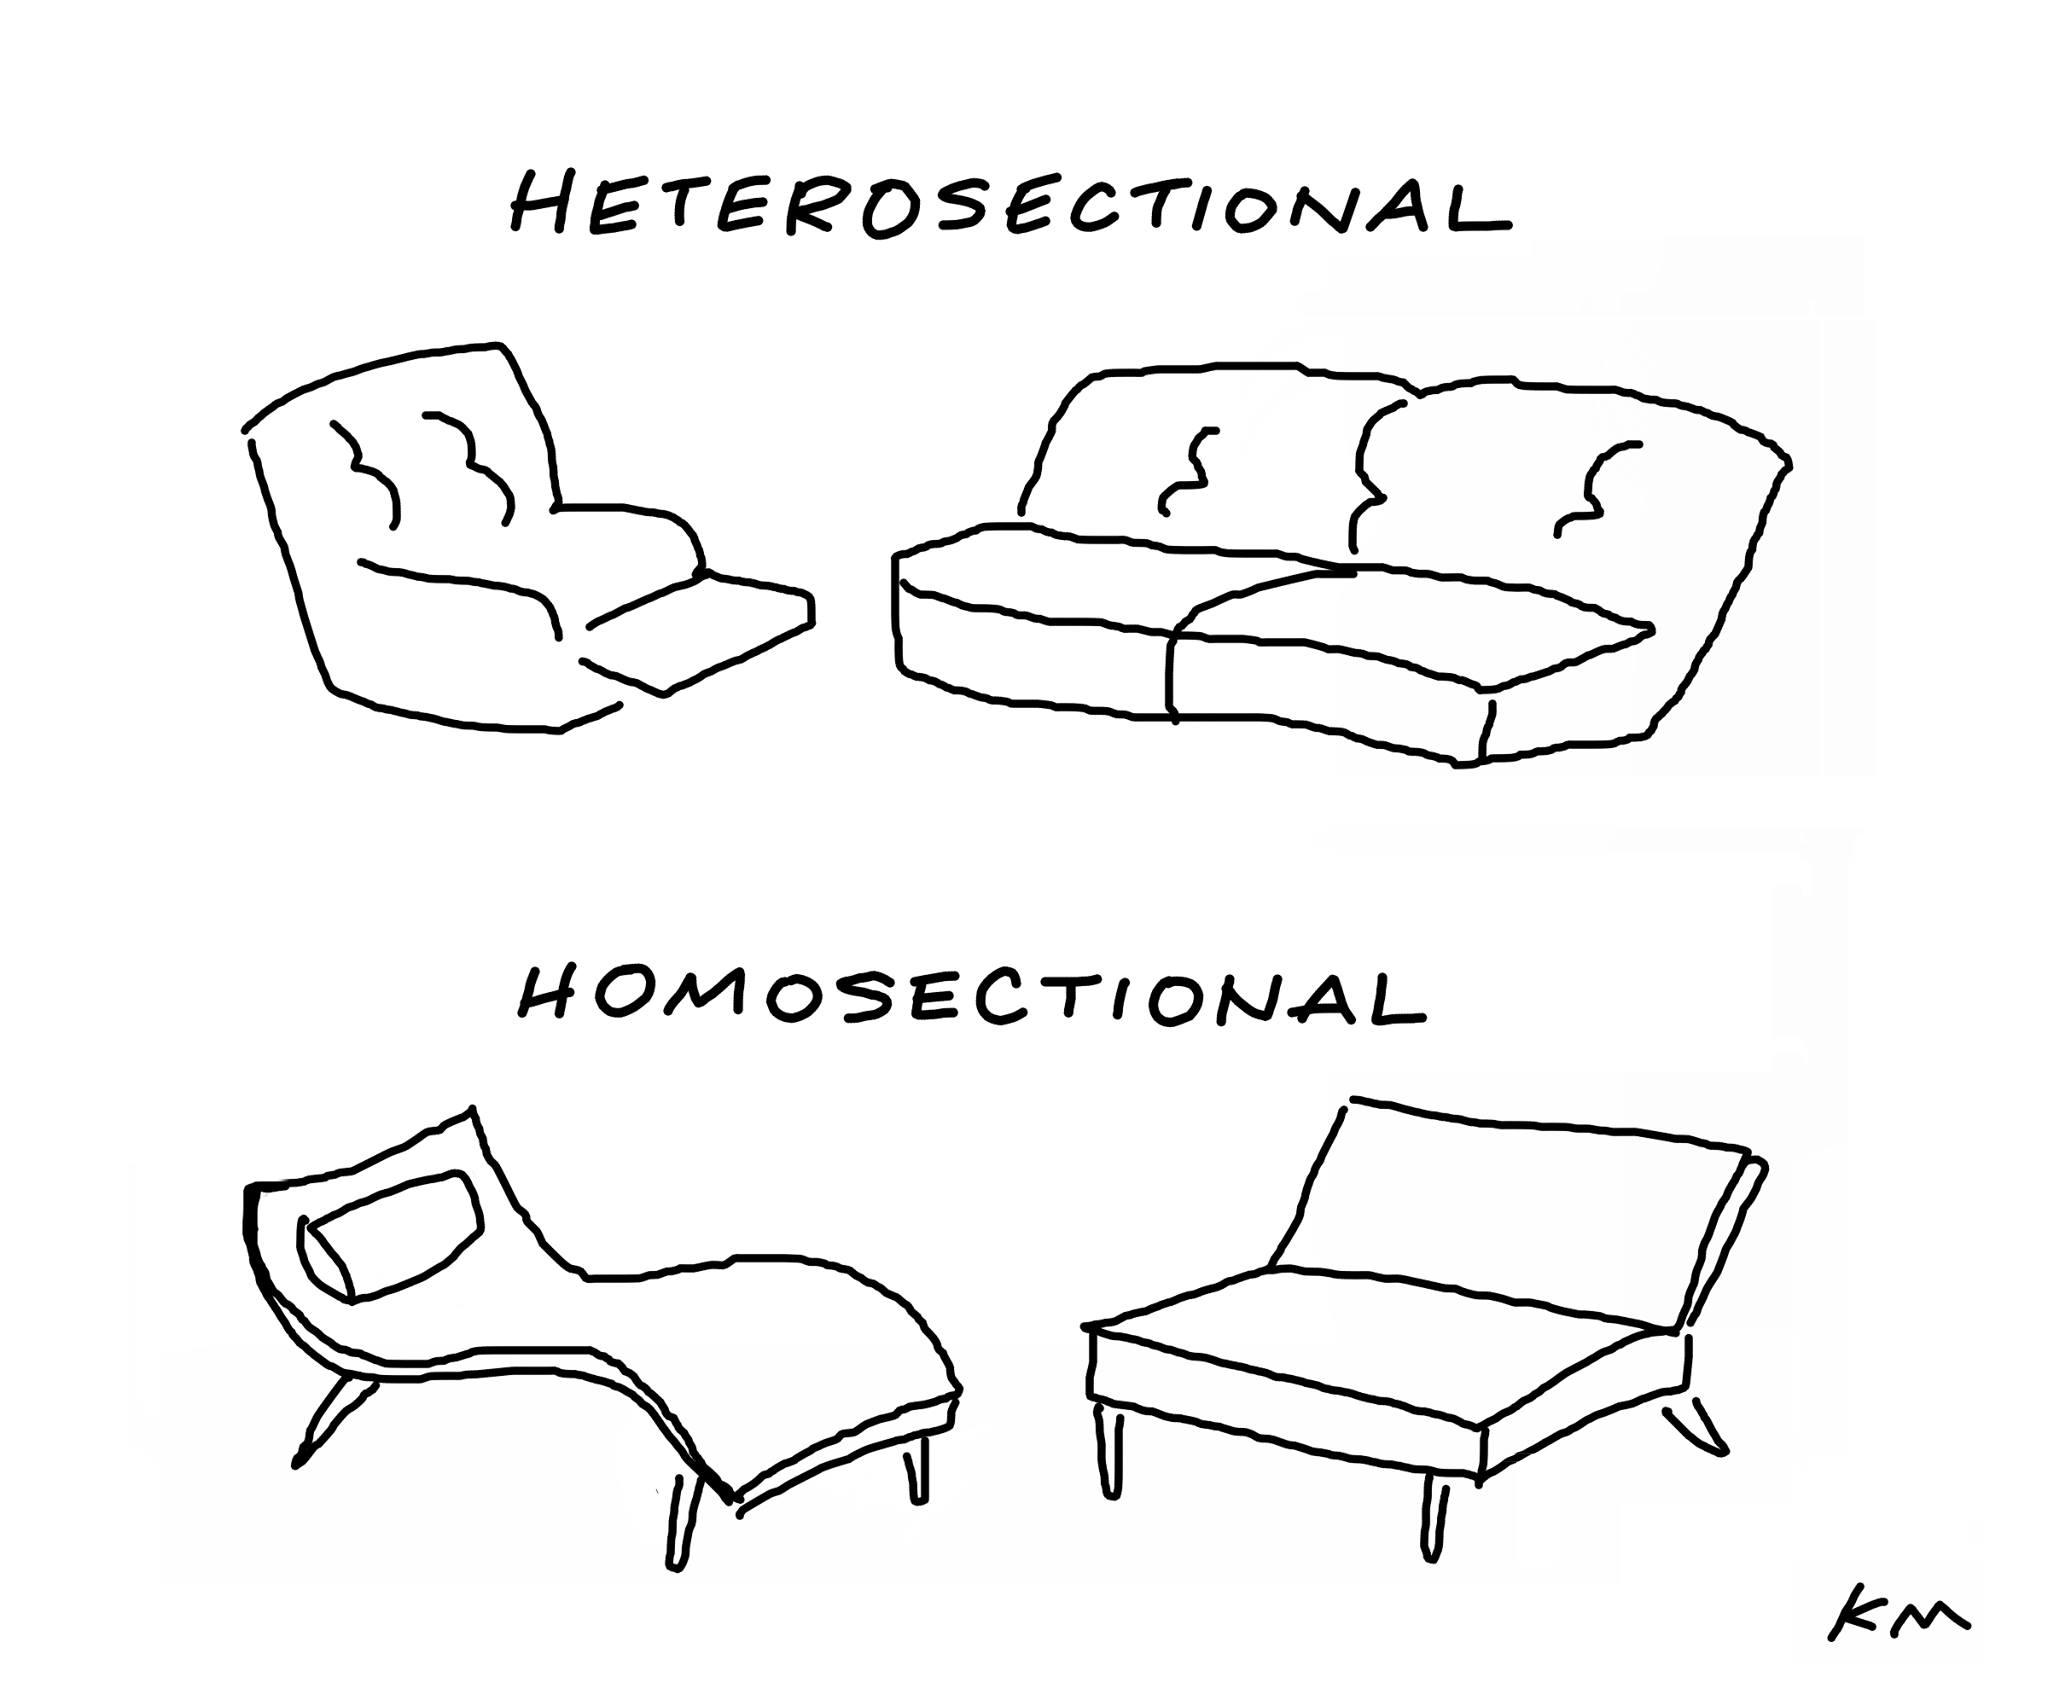 HETEROSECTIONAL